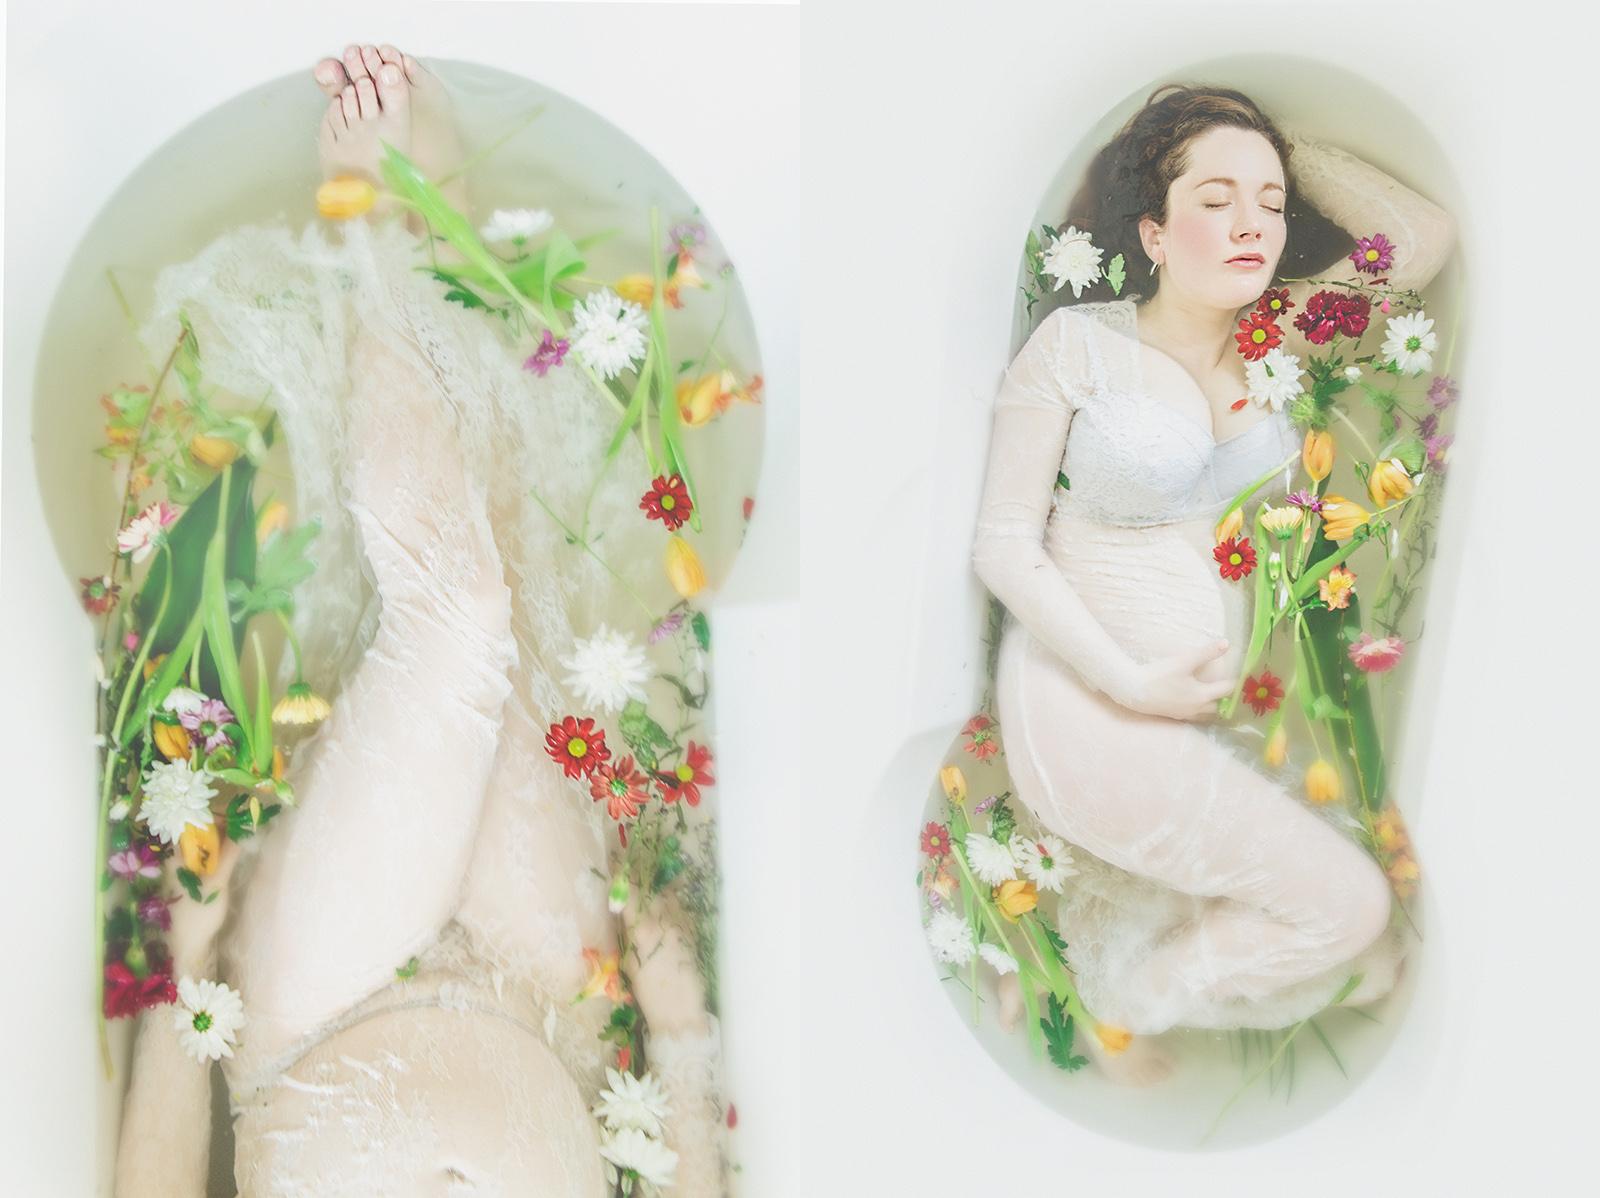 seance-photo-de-grossesse-dans-une-baignoire-femme-enceinte-photographe-sur-lille-one-moment-photographie